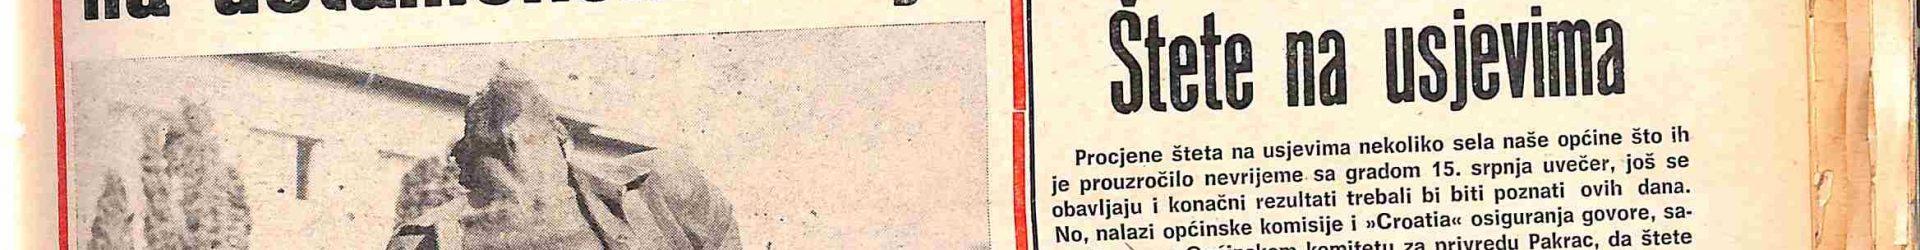 26 srpnja 1984_Page_01